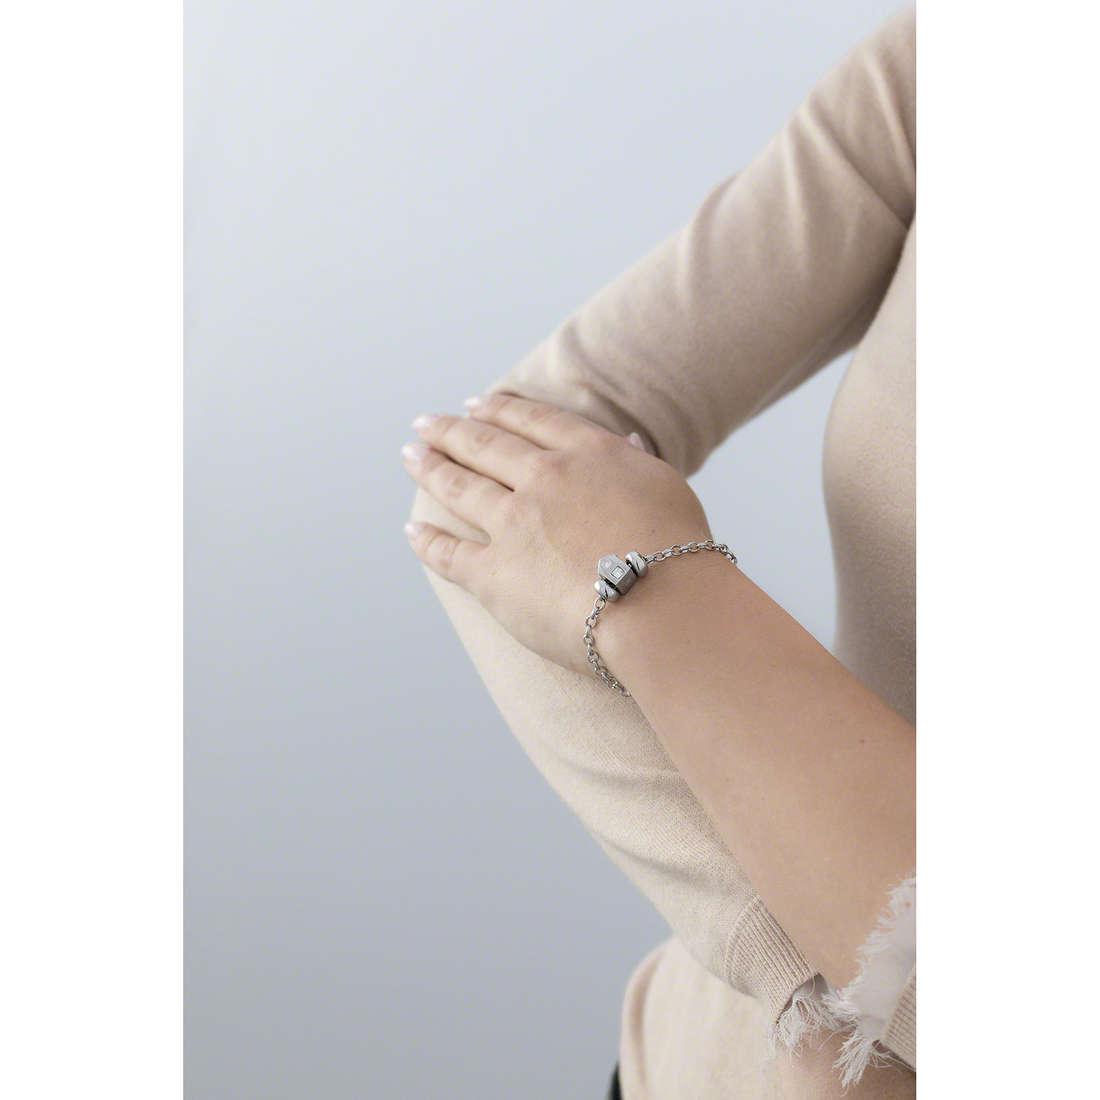 Morellato bracciali Drops donna SCZ671 indosso